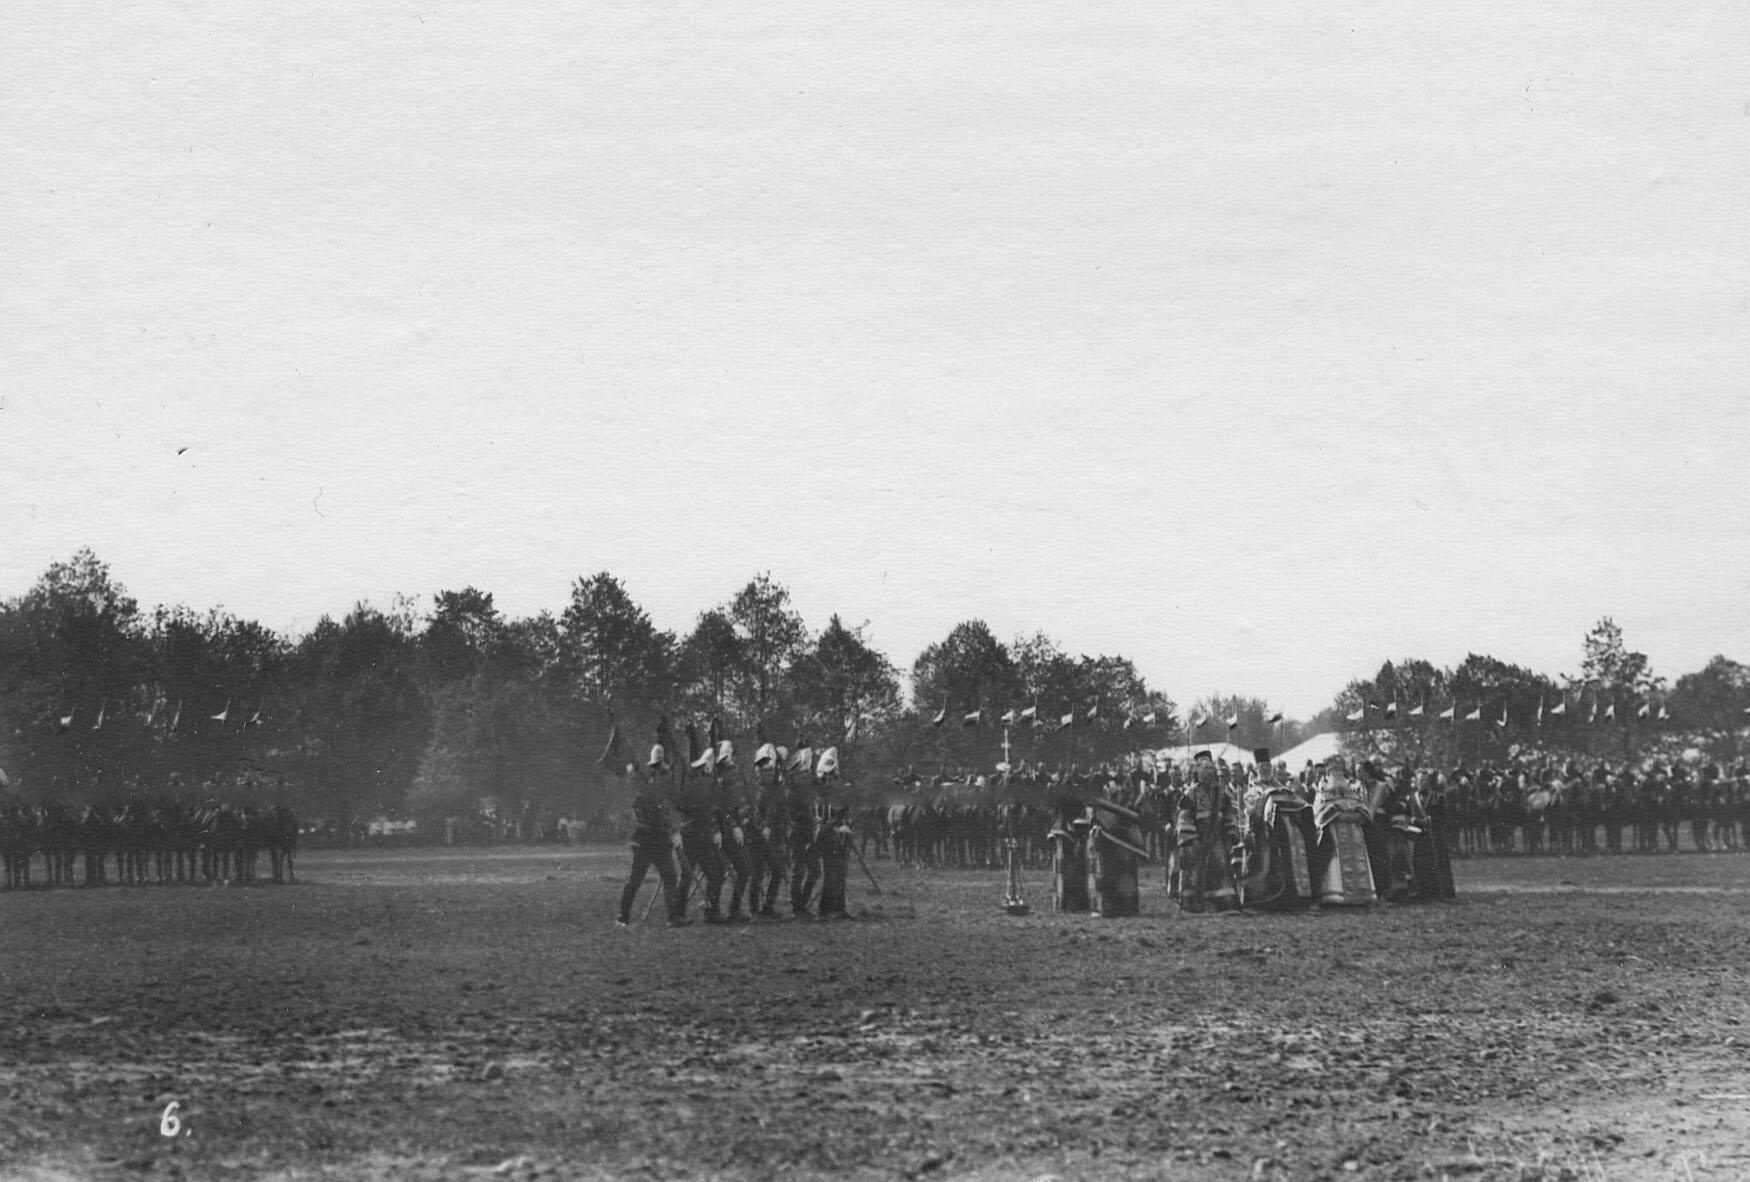 Парад в день празднования 250-летнего юбилея полка